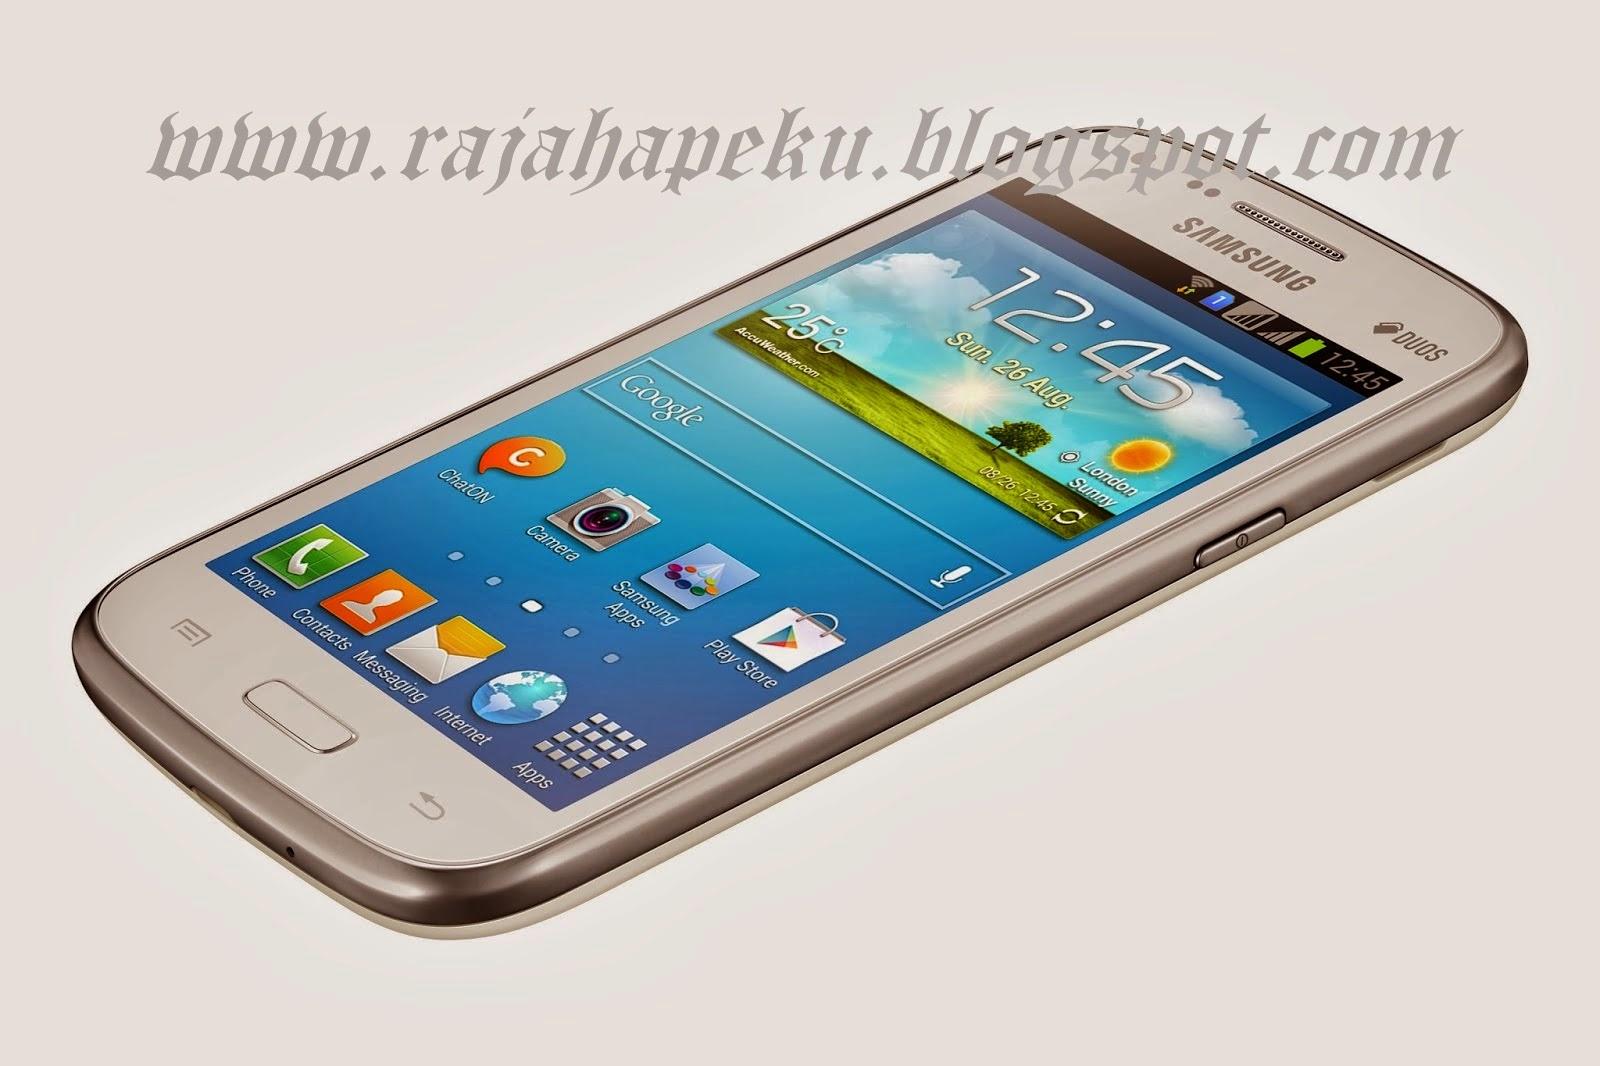 Harga Samsung Galaxy Core Terbaru Serta Spesifikasi Lengkap, 3 Keunggulan Camera 5 MP Dan CPU Dual Core Serta Internal 8 GB